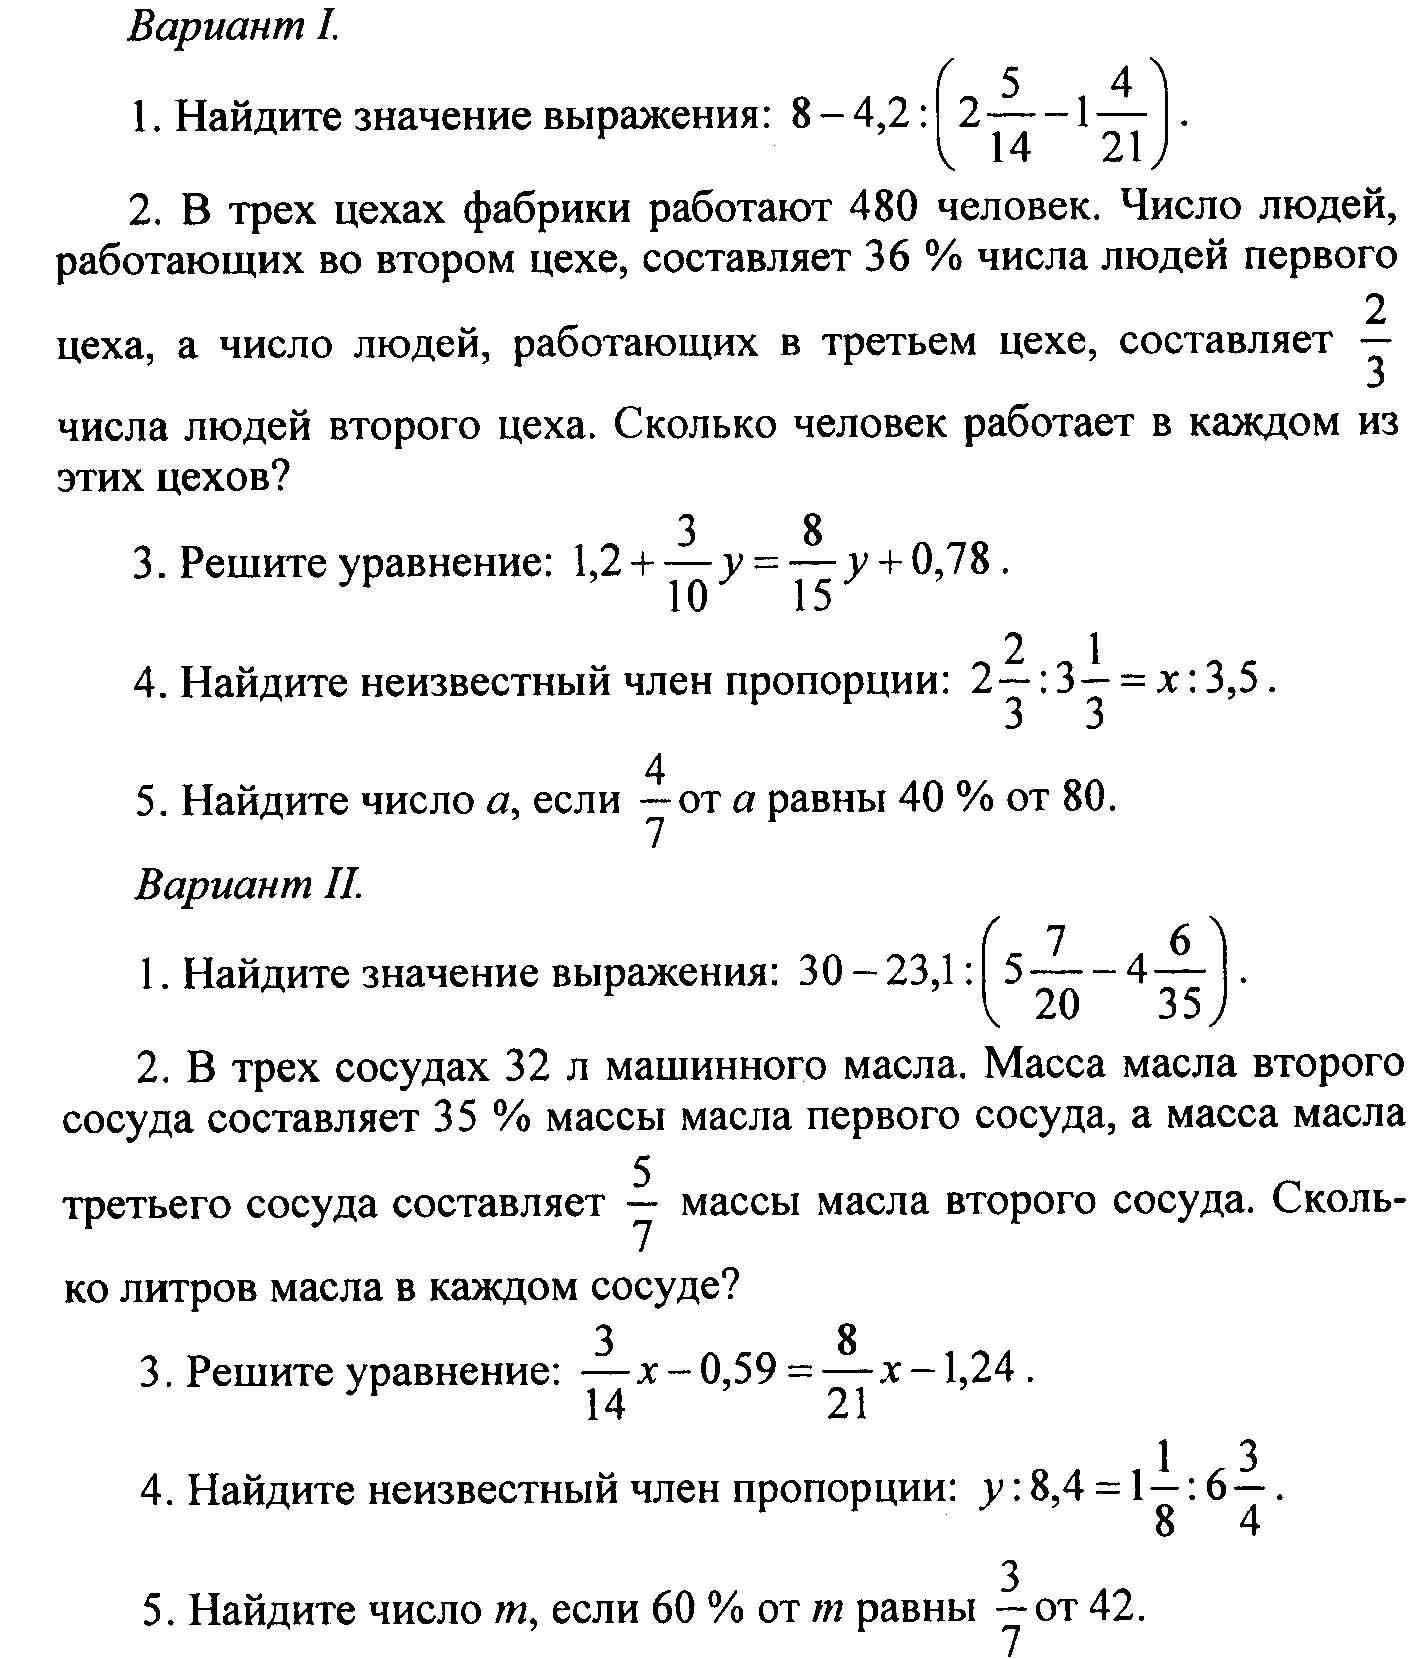 Конспекты уроков по математике 5 класс виленкин скачать бесплатно